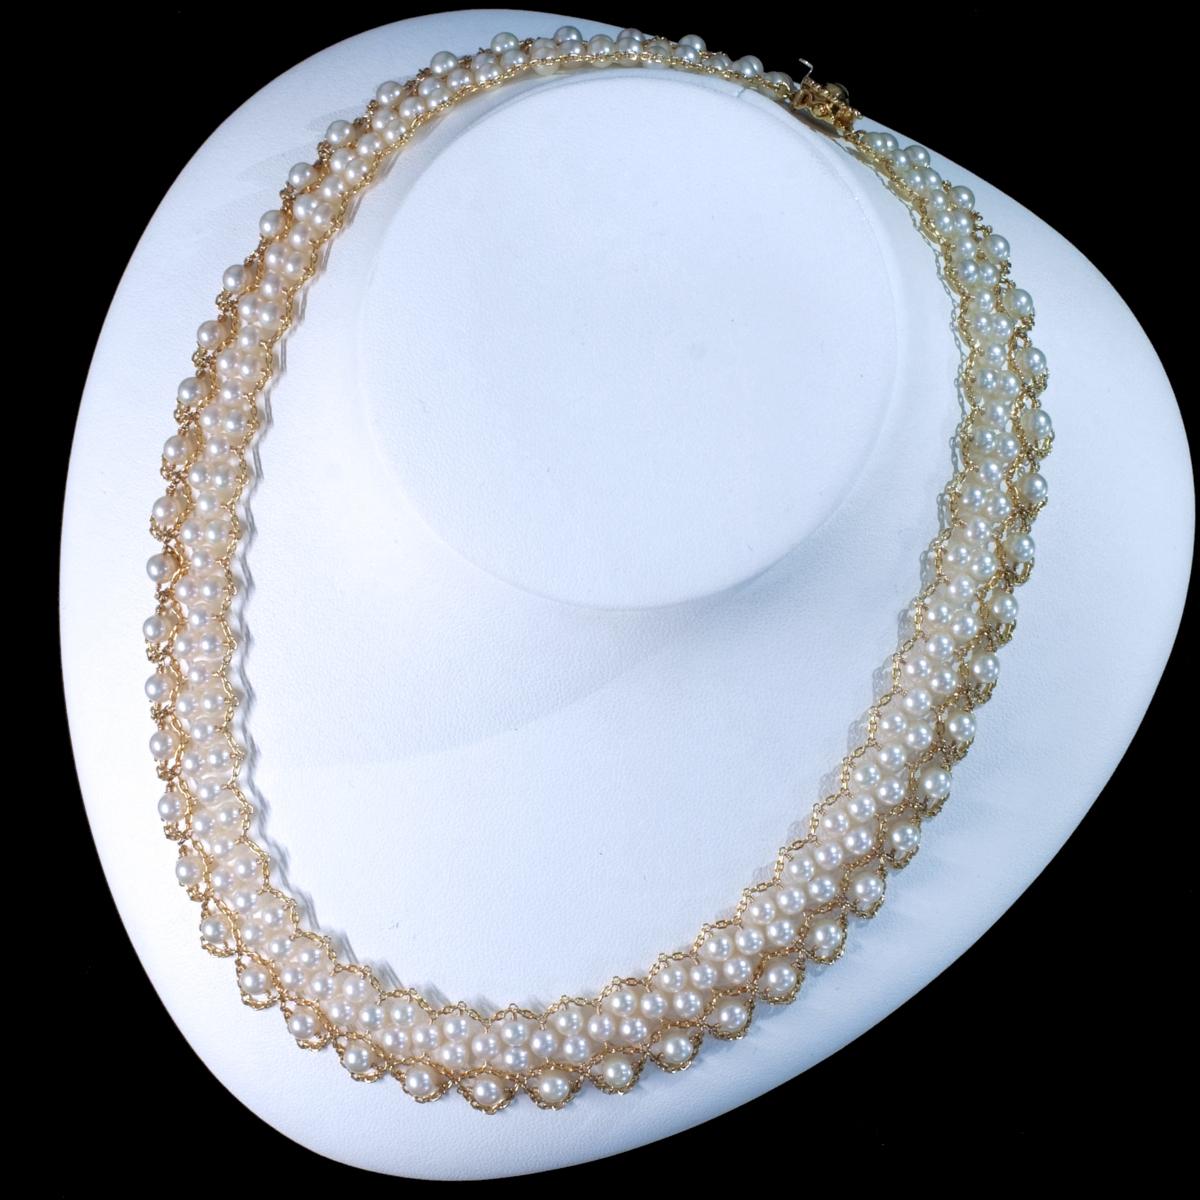 F0420 アコヤ真珠ベビーパール4.5~4.0mm 最高級18金無垢ネックレス 長さ40.5cm 重量35.5g 縦幅19.0mm_画像3